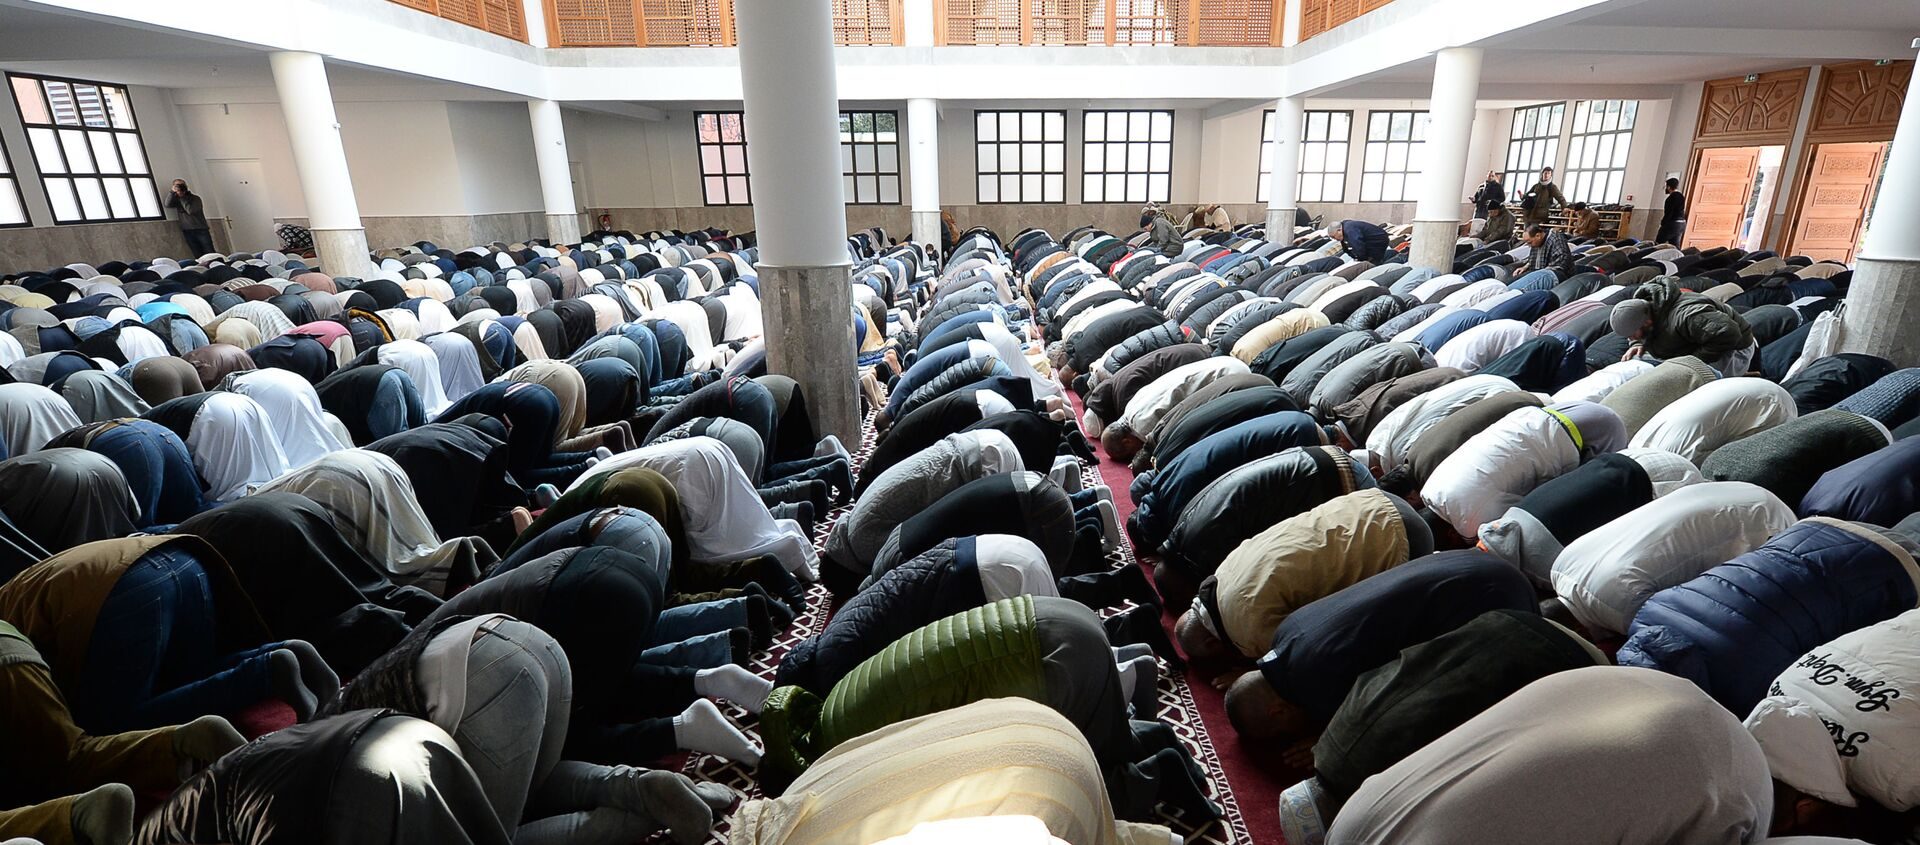 Tín đồ Hồi giáo cầu nguyện trong nhà thờ đạo Hồi ở thành phố Frejus thuộc Pháp - Sputnik Việt Nam, 1920, 27.04.2021